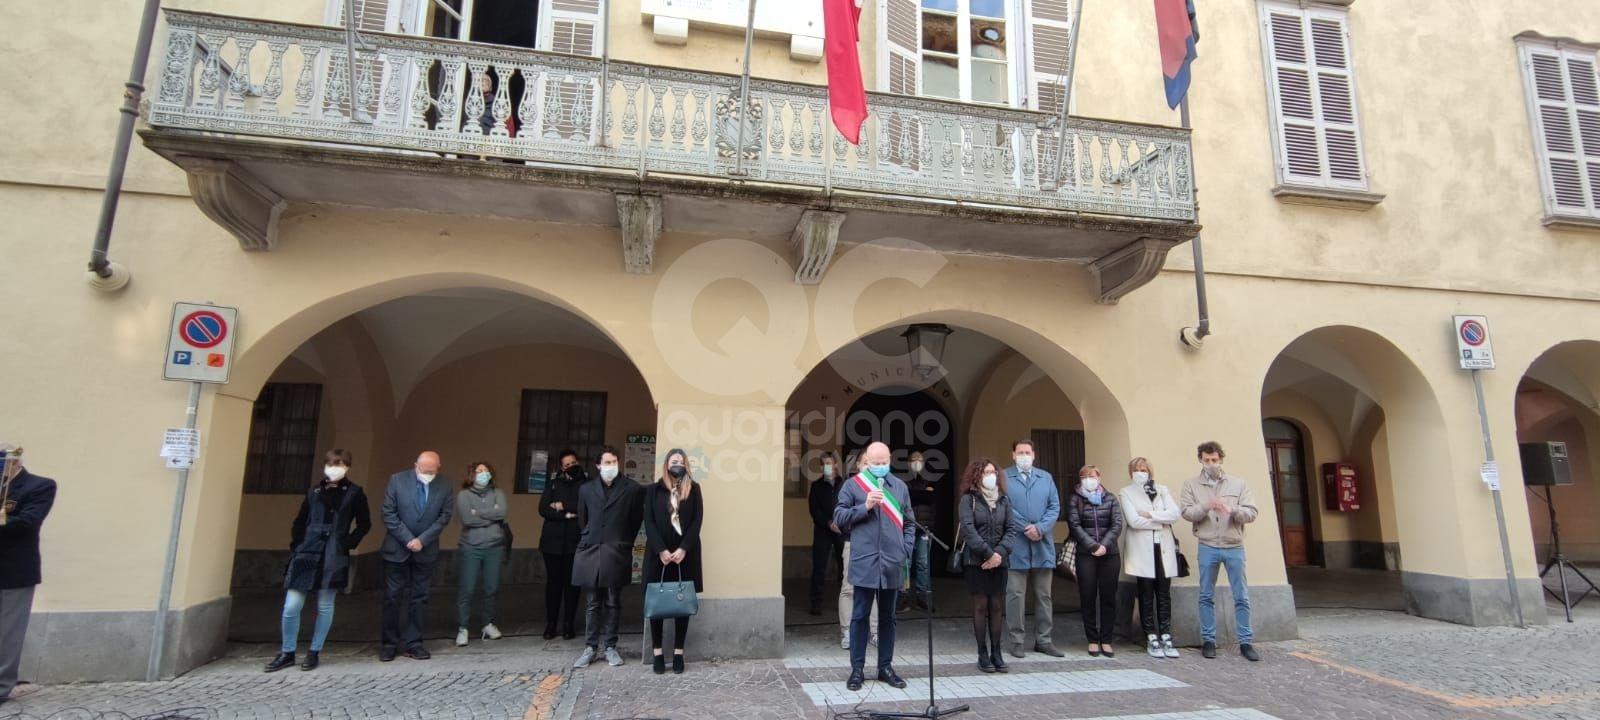 RIVAROLO CANAVESE - Lutto cittadino, la cerimonia sotto il municipio per ricordare Liliana, Osvaldo, Wilson e Maria Grazia - FOTO e VIDEO